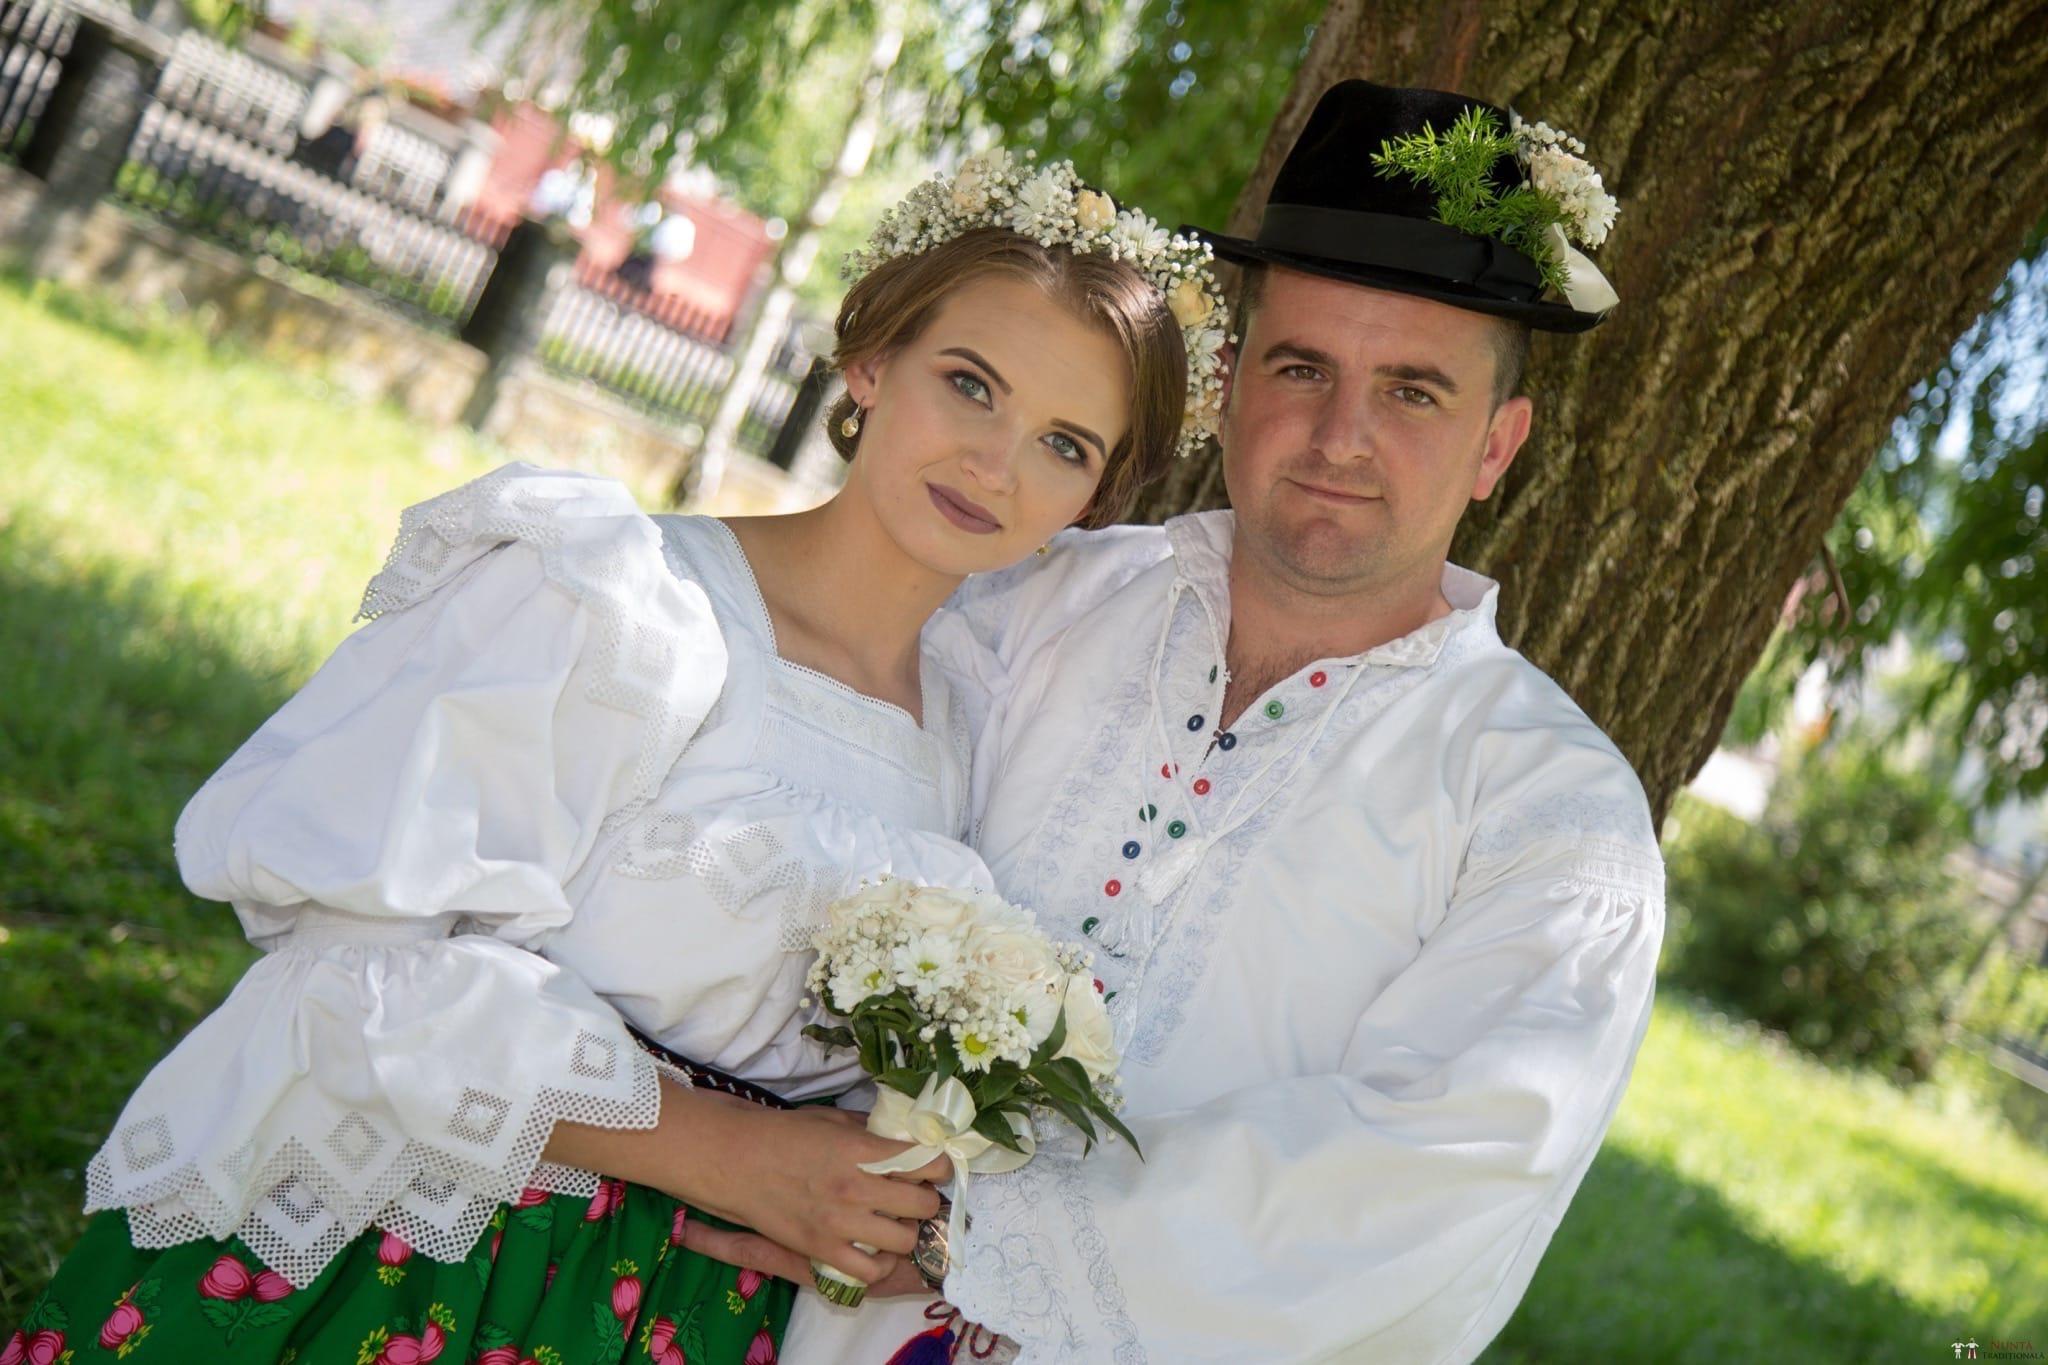 Povești Nunți Tradiționale - Ancuța și Nicu, cununie tradițională în Giulești, Maramureș 35